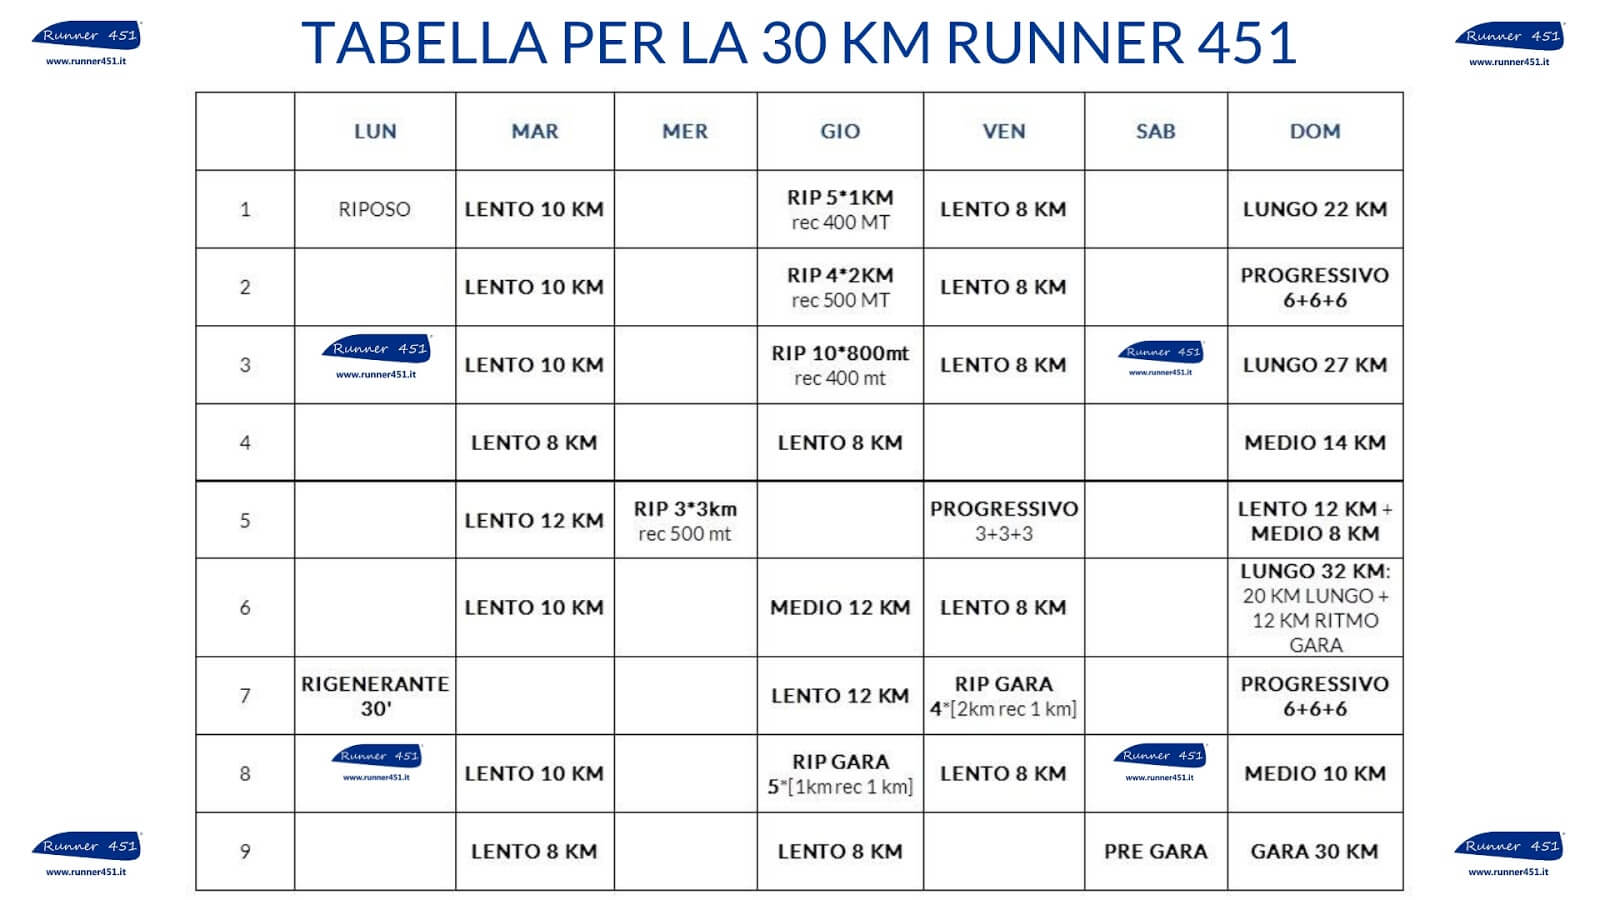 tabella corsa 30 km